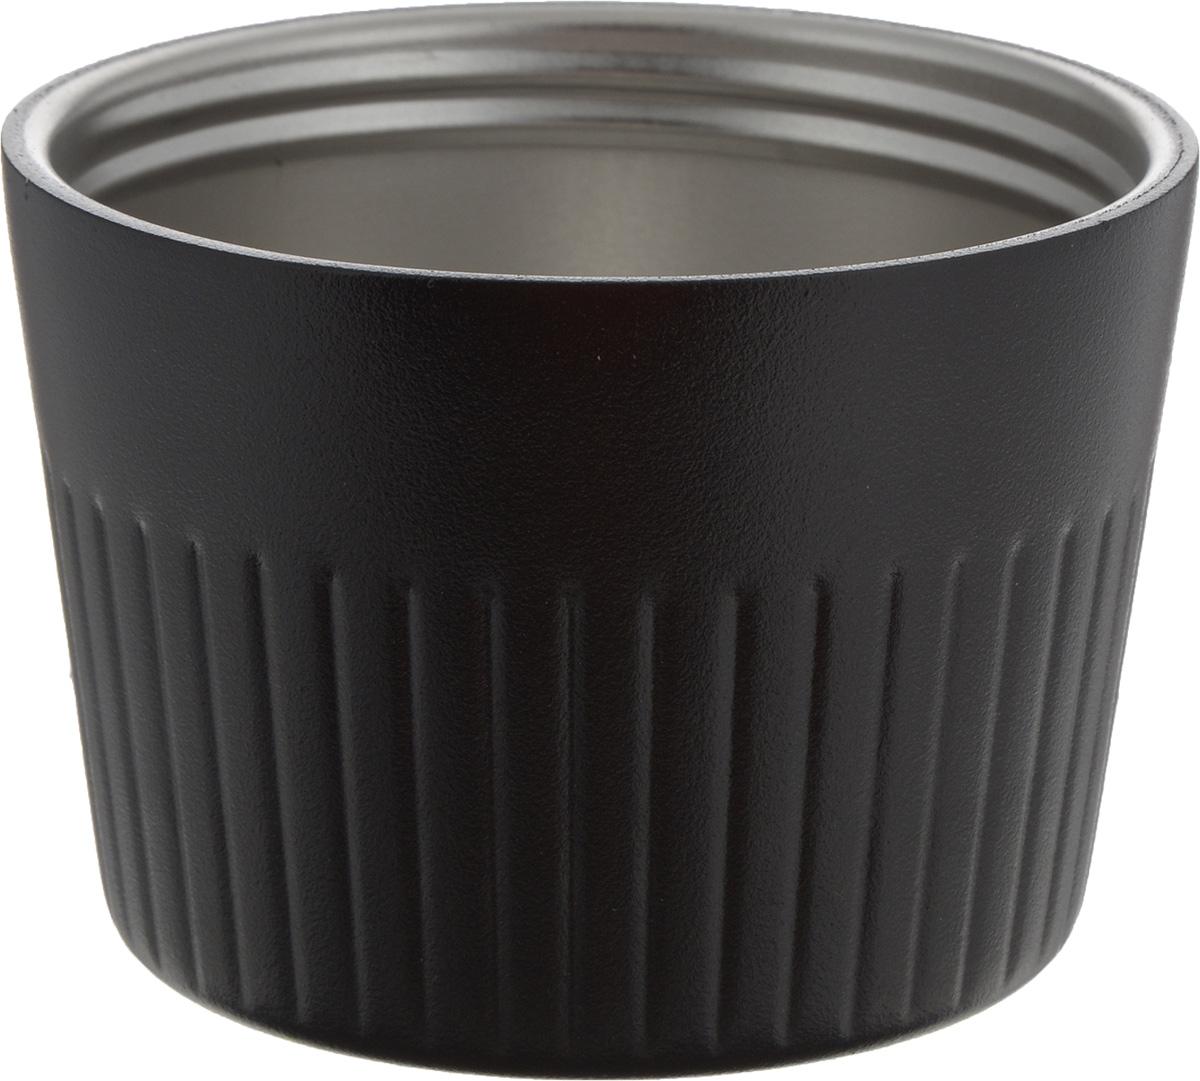 Термокружка Primus Trailbreak Cup, цвет: черный, 250 мл737941Крышка-чашка Primus Trailbreak Cup изготовлена из пластика и стали. Такая кружка станет незаменима в походах и на пикнике. Ее можно использовать как крышку для термоса. Пластиковое покрытие убережет ваши руки от ожогов, если в кружку налит горячий чай.Объем кружки: 250 мл.Размеры: 8,5 х 8,5 х 6 см.